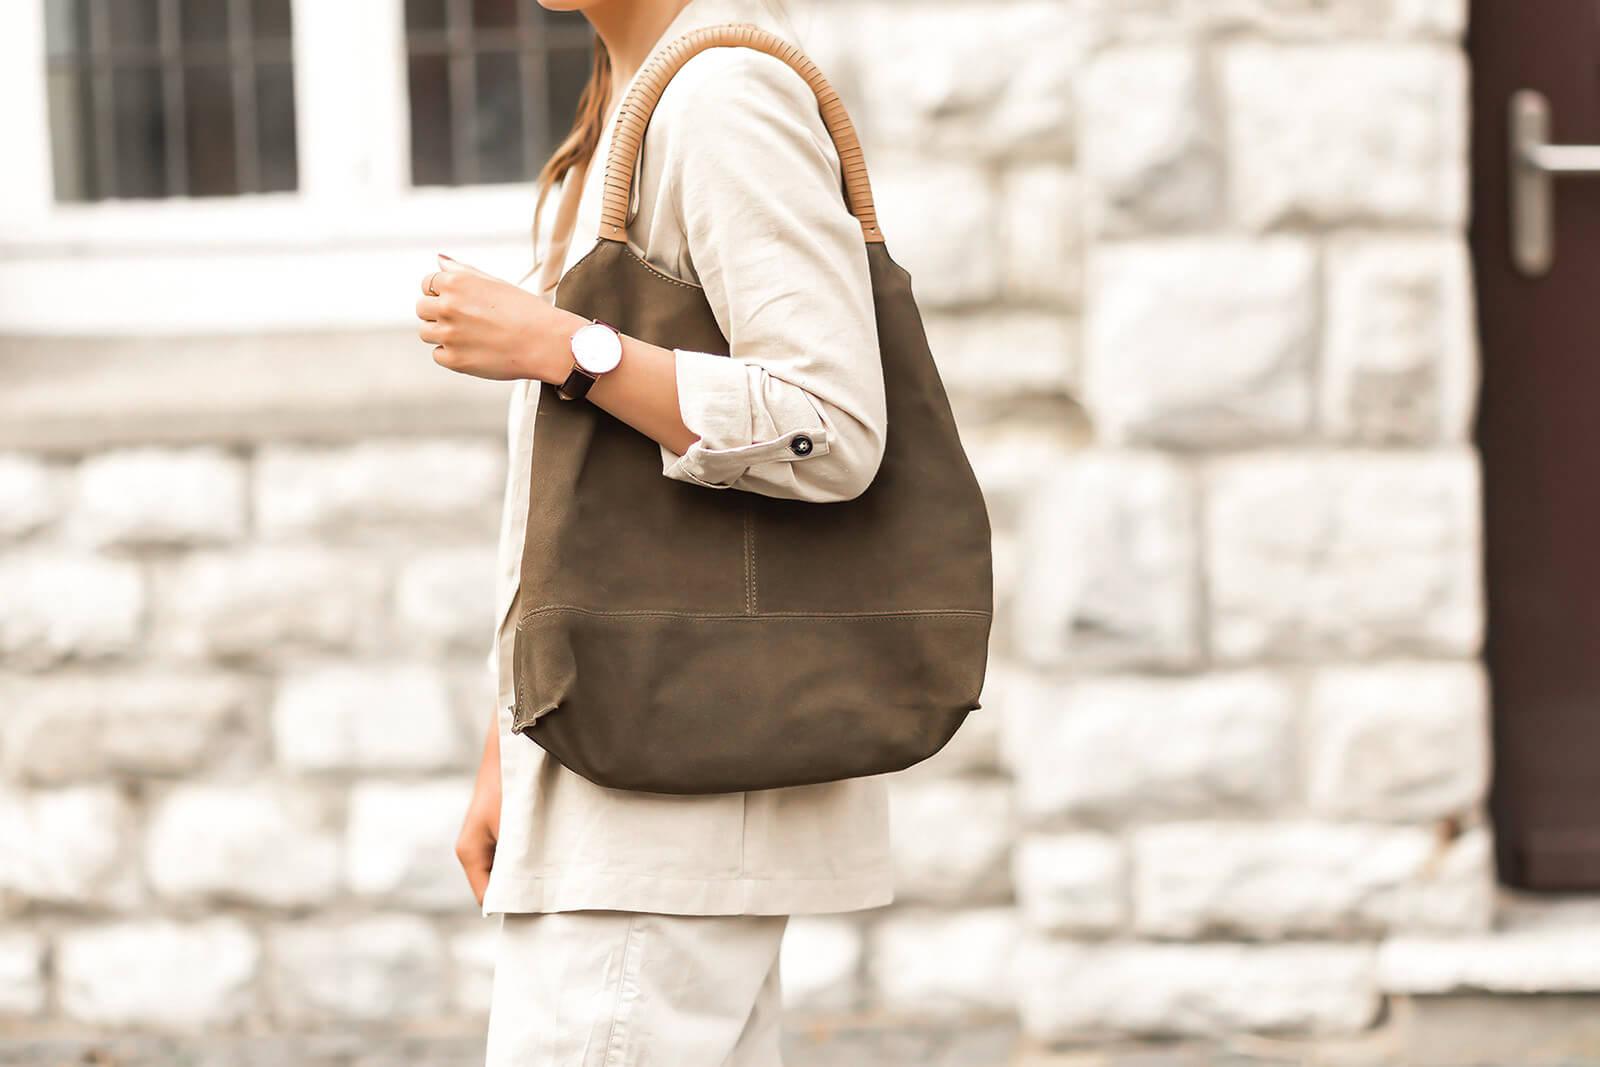 Trend Taschen für den Sommer, Taschen Trends 2020, Tote Bags, Shoelove by Deichmann